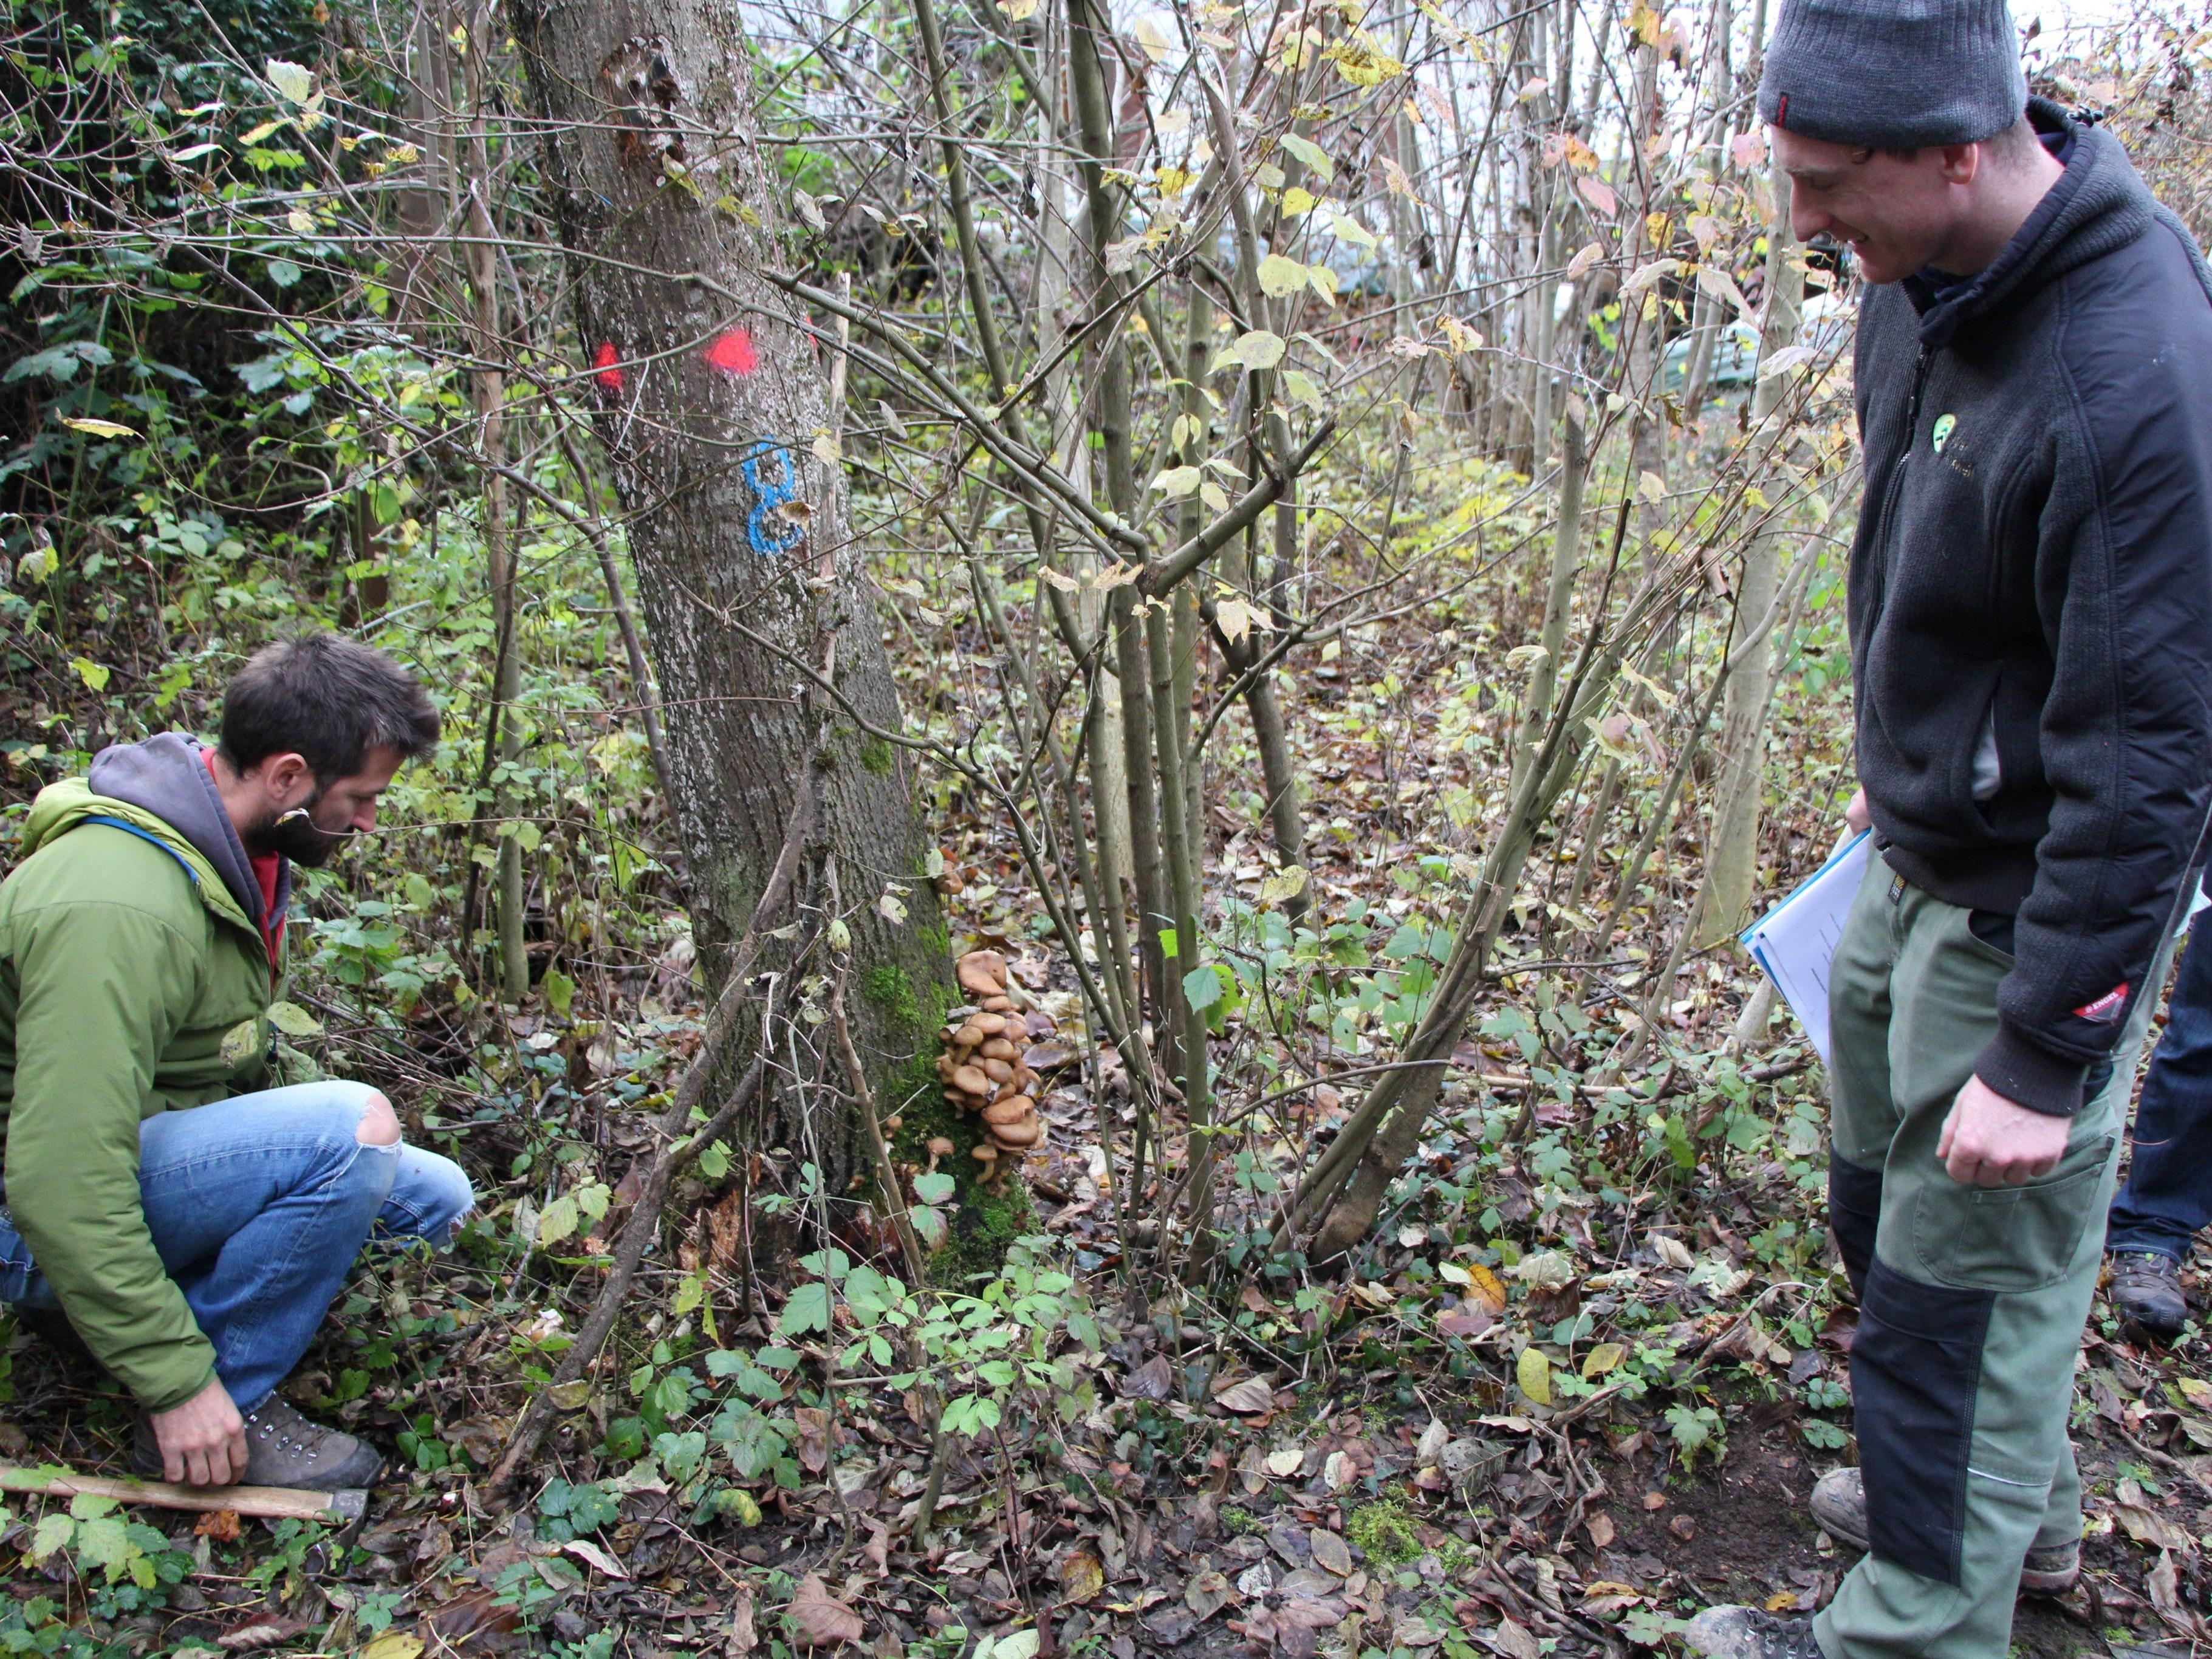 Exkursion zu kranken Eschen im Auwald